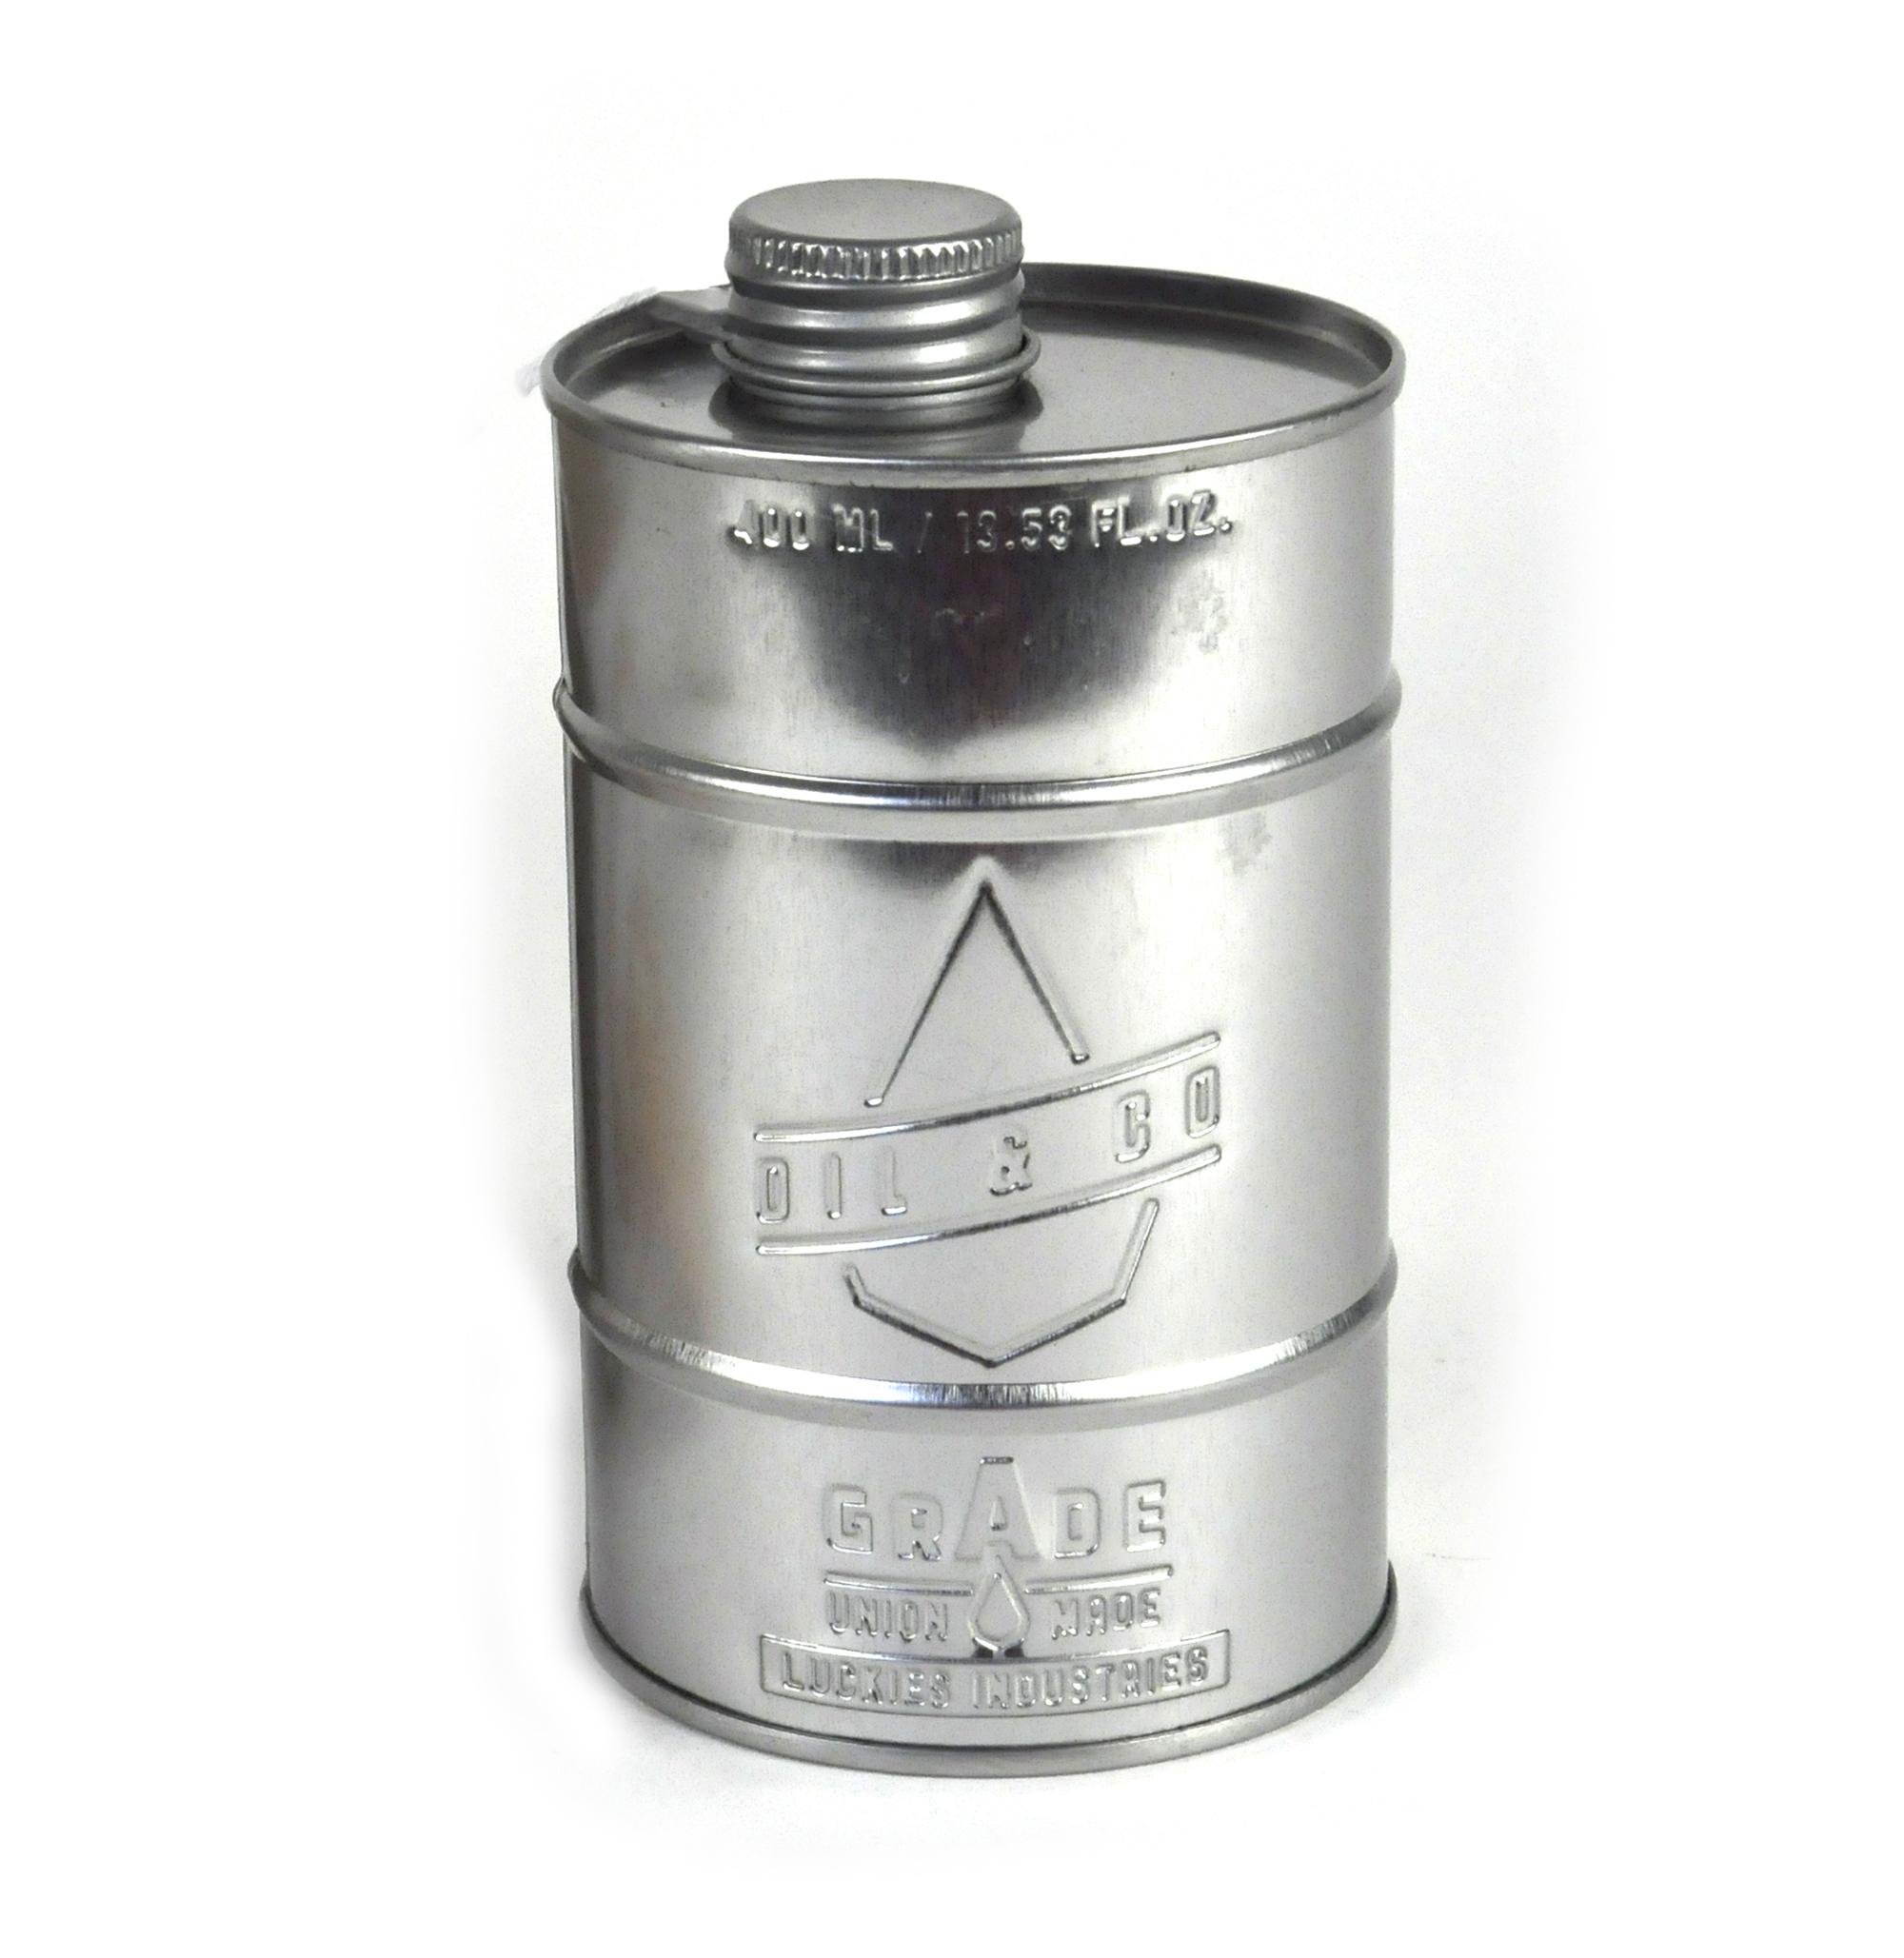 Grade A Kitchen Oil - Retro Oil Silver Can